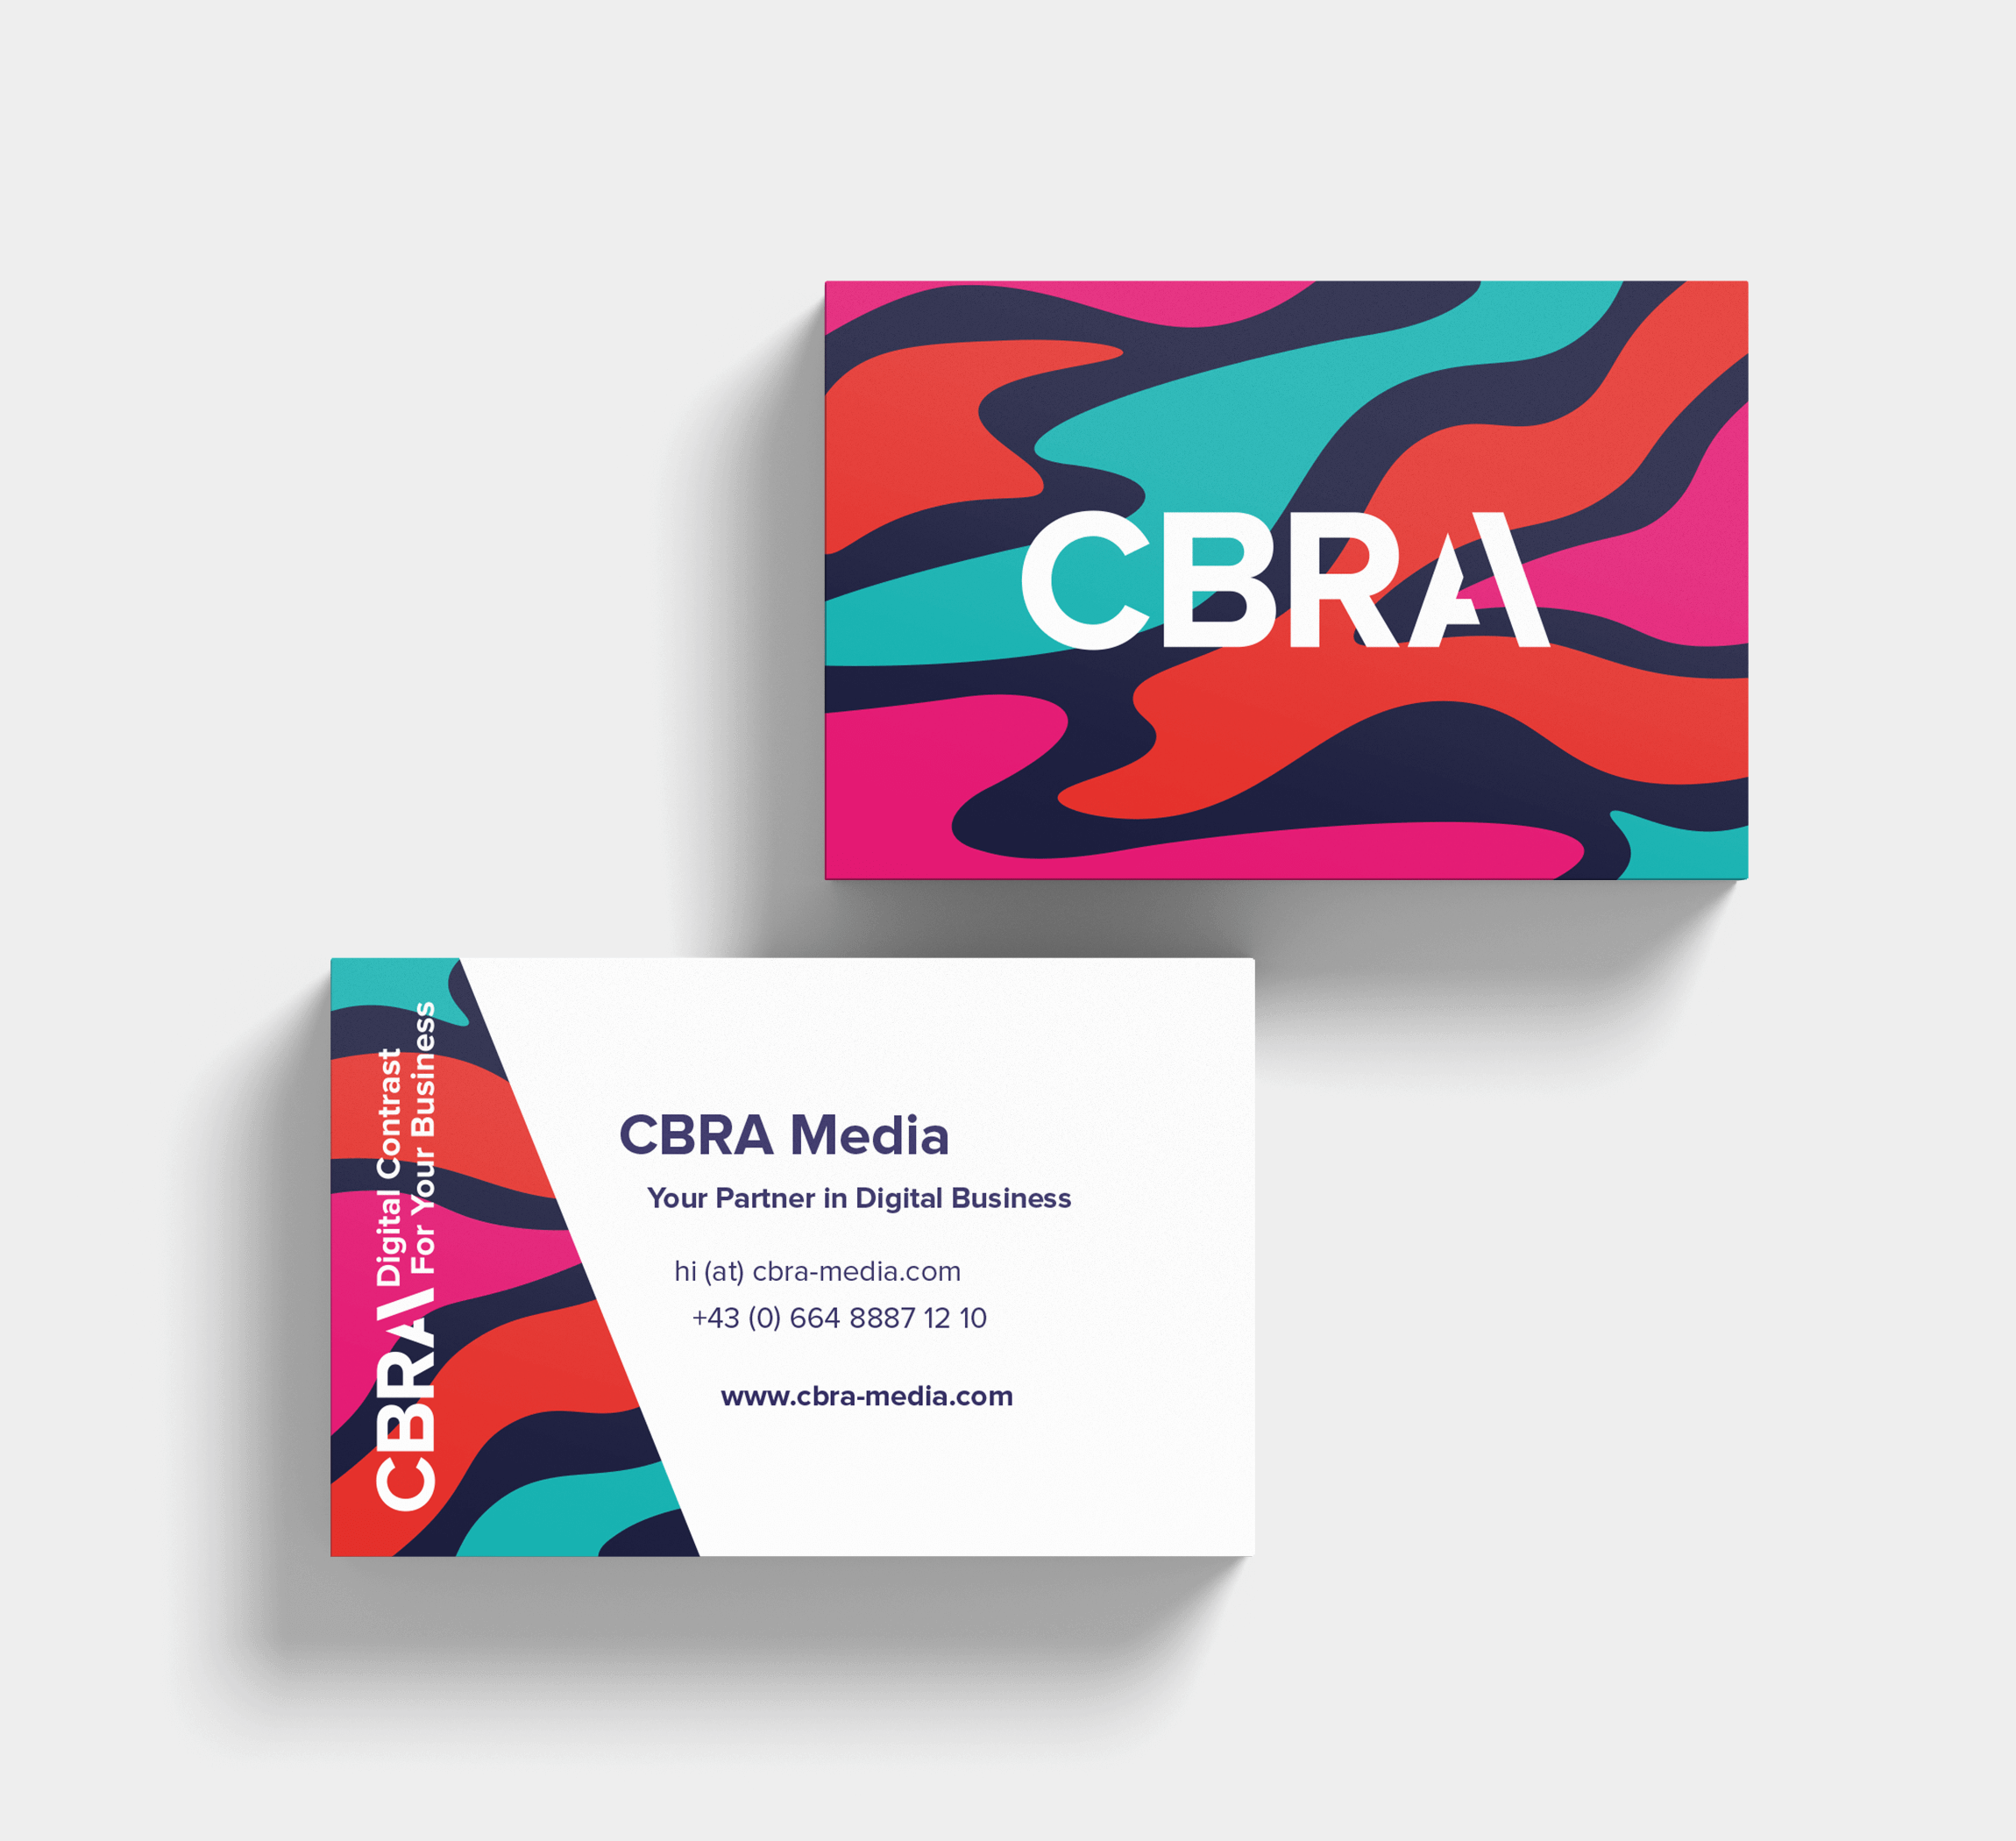 cbra-Visit-Mockup-5